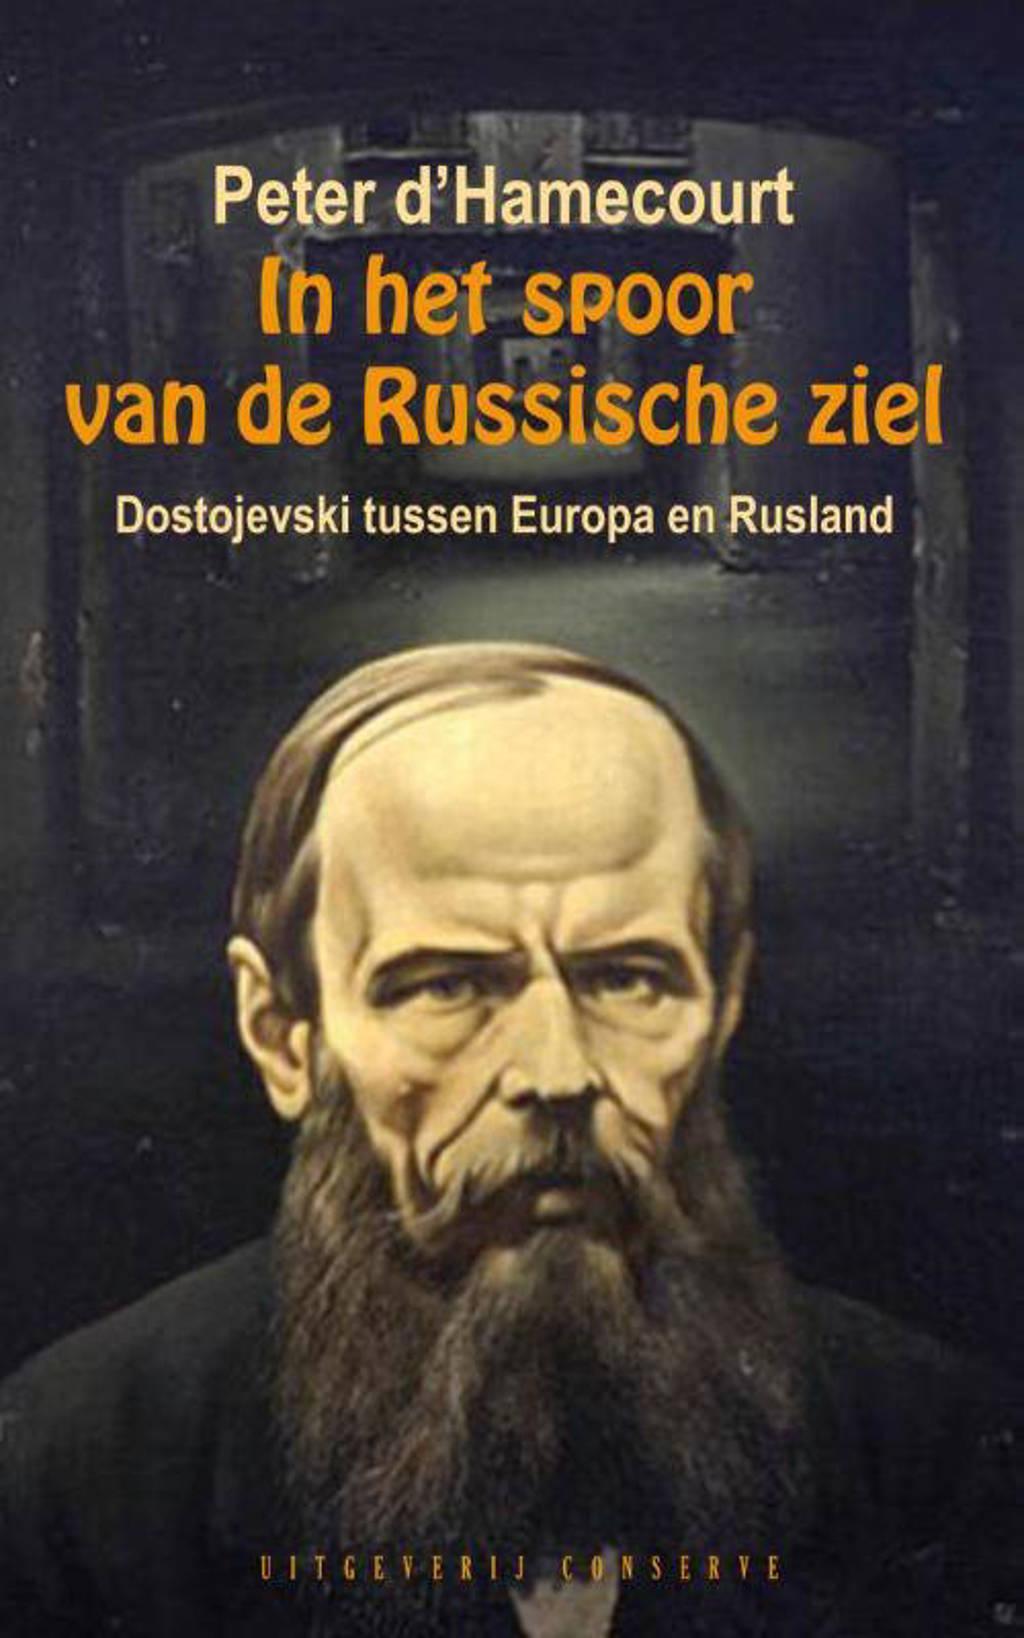 In het spoor van de Russische ziel - Peter d' Hamecourt